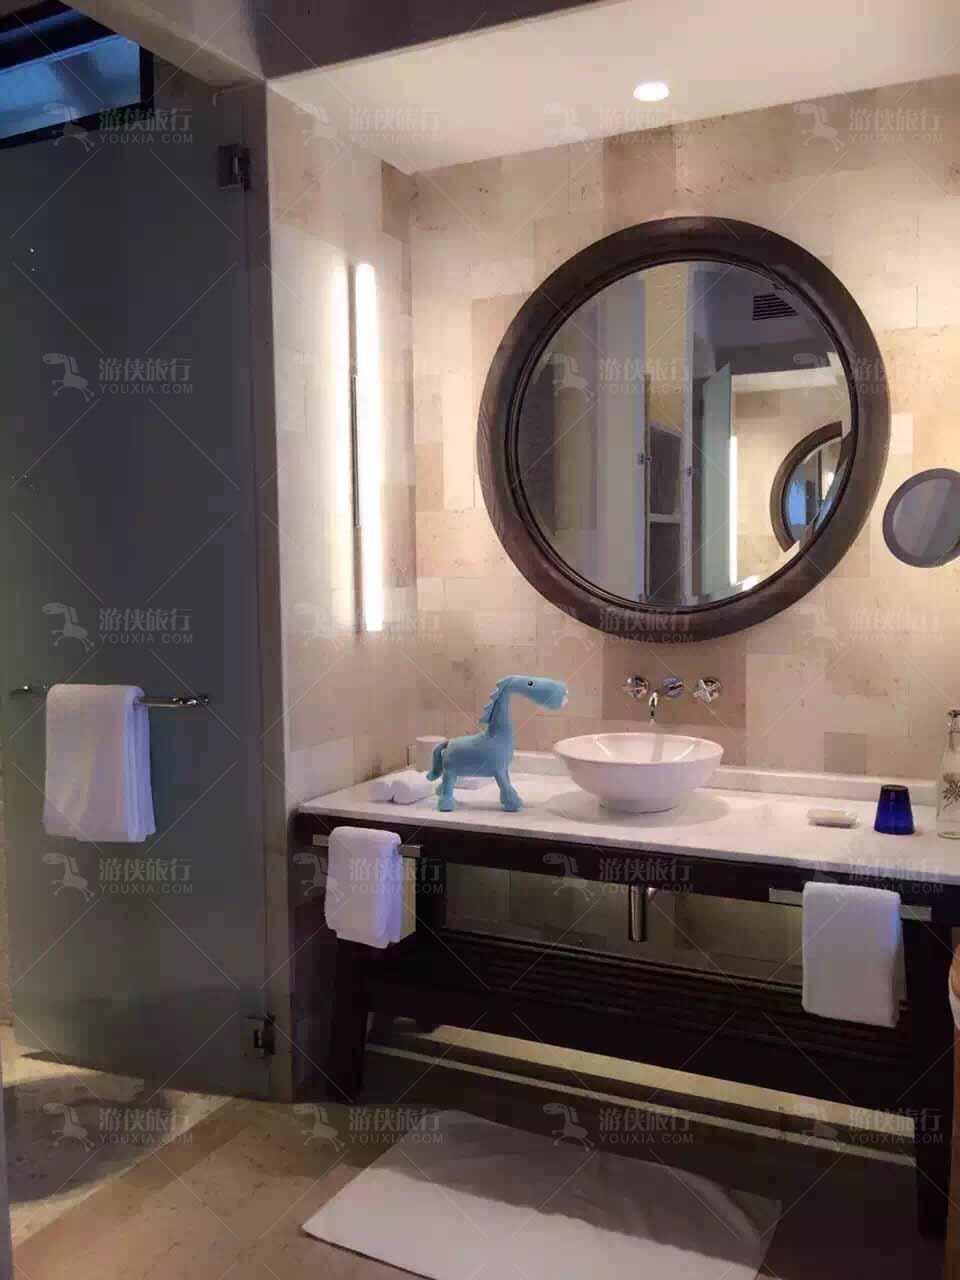 Como集团浴室